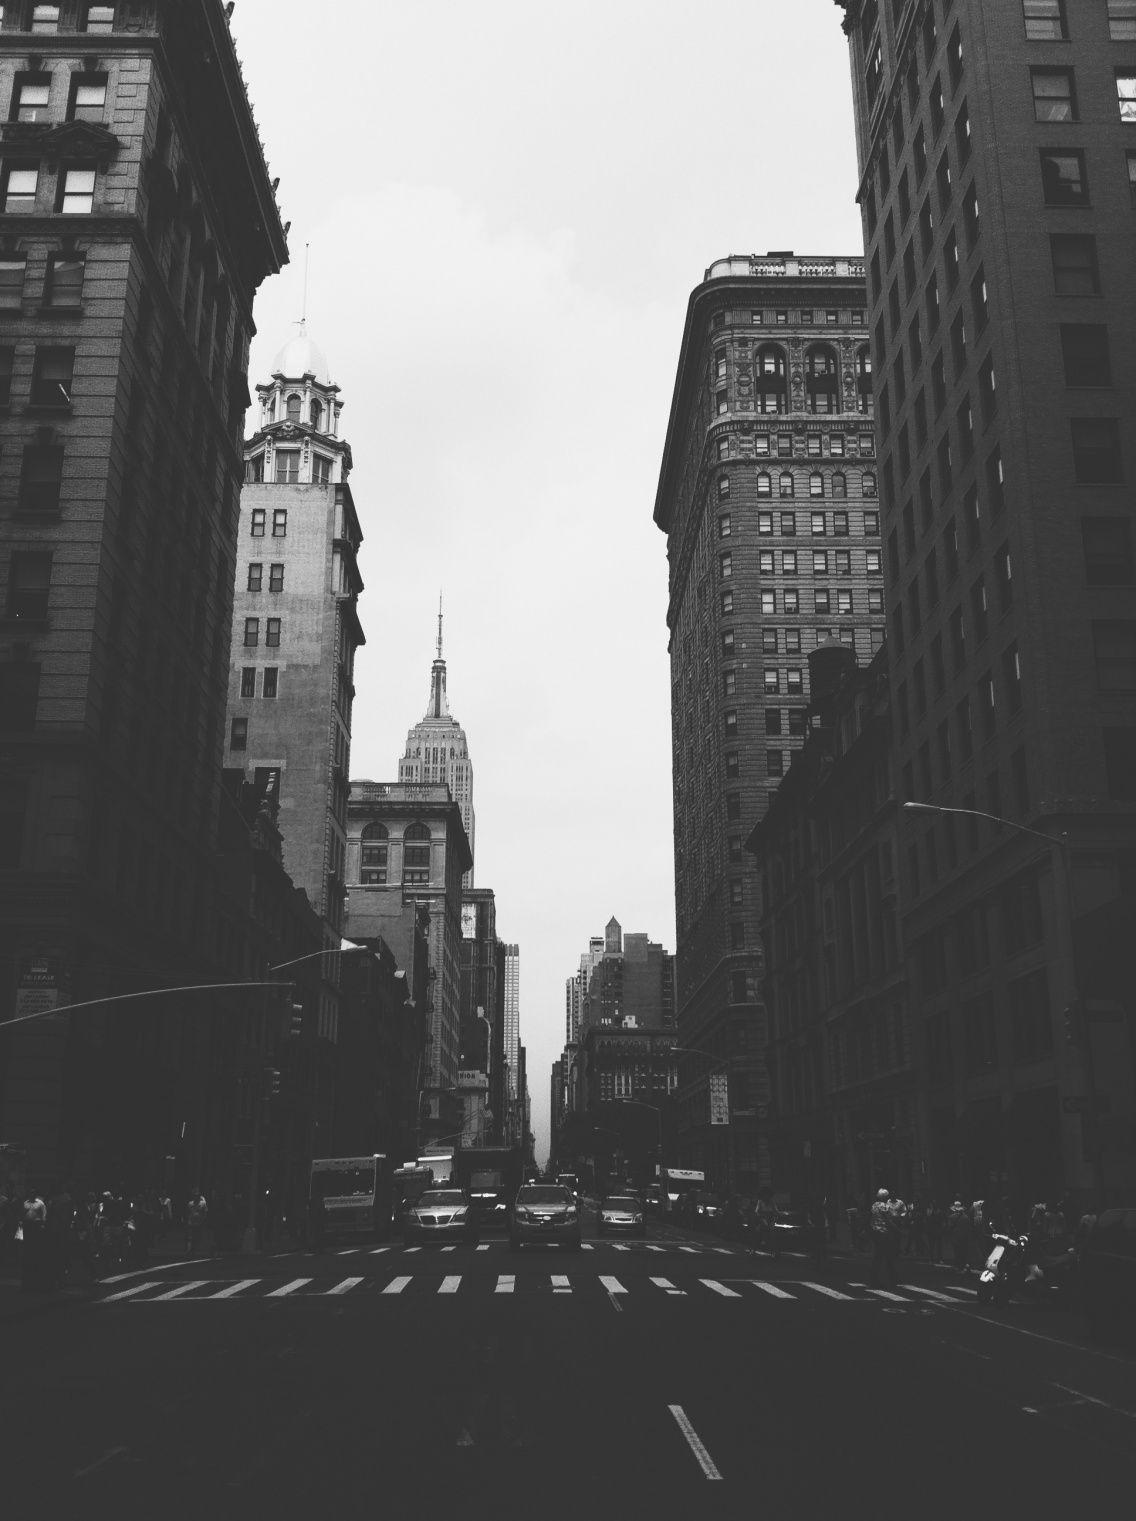 Eb white essay on new york city